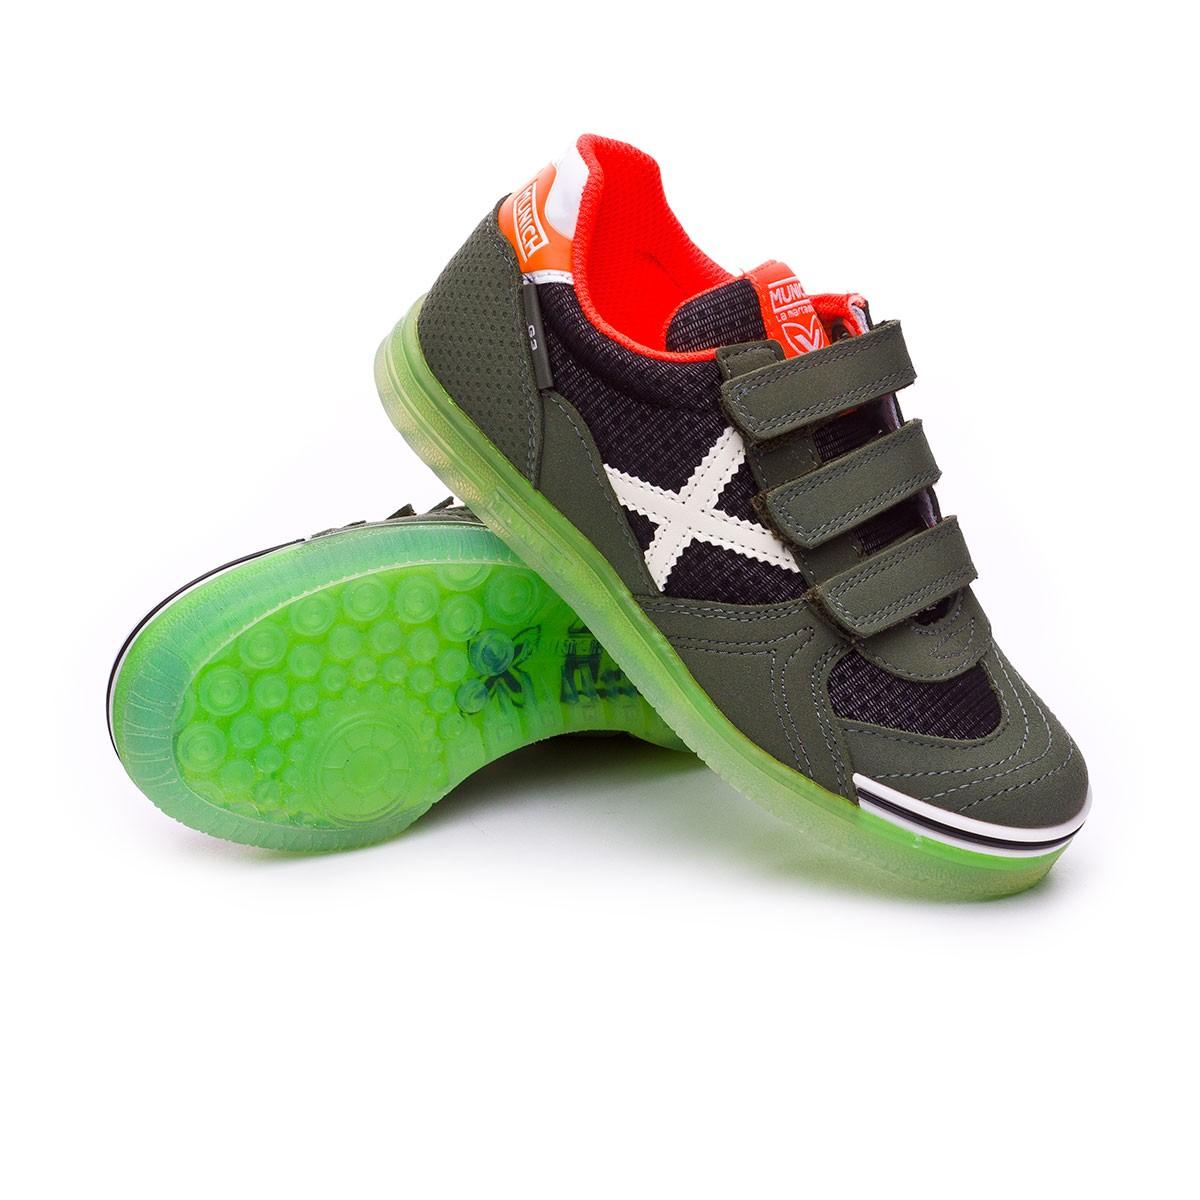 a30732265be Futsal Boot Munich Kids G3 Glow Velcro Green - Tienda de fútbol ...